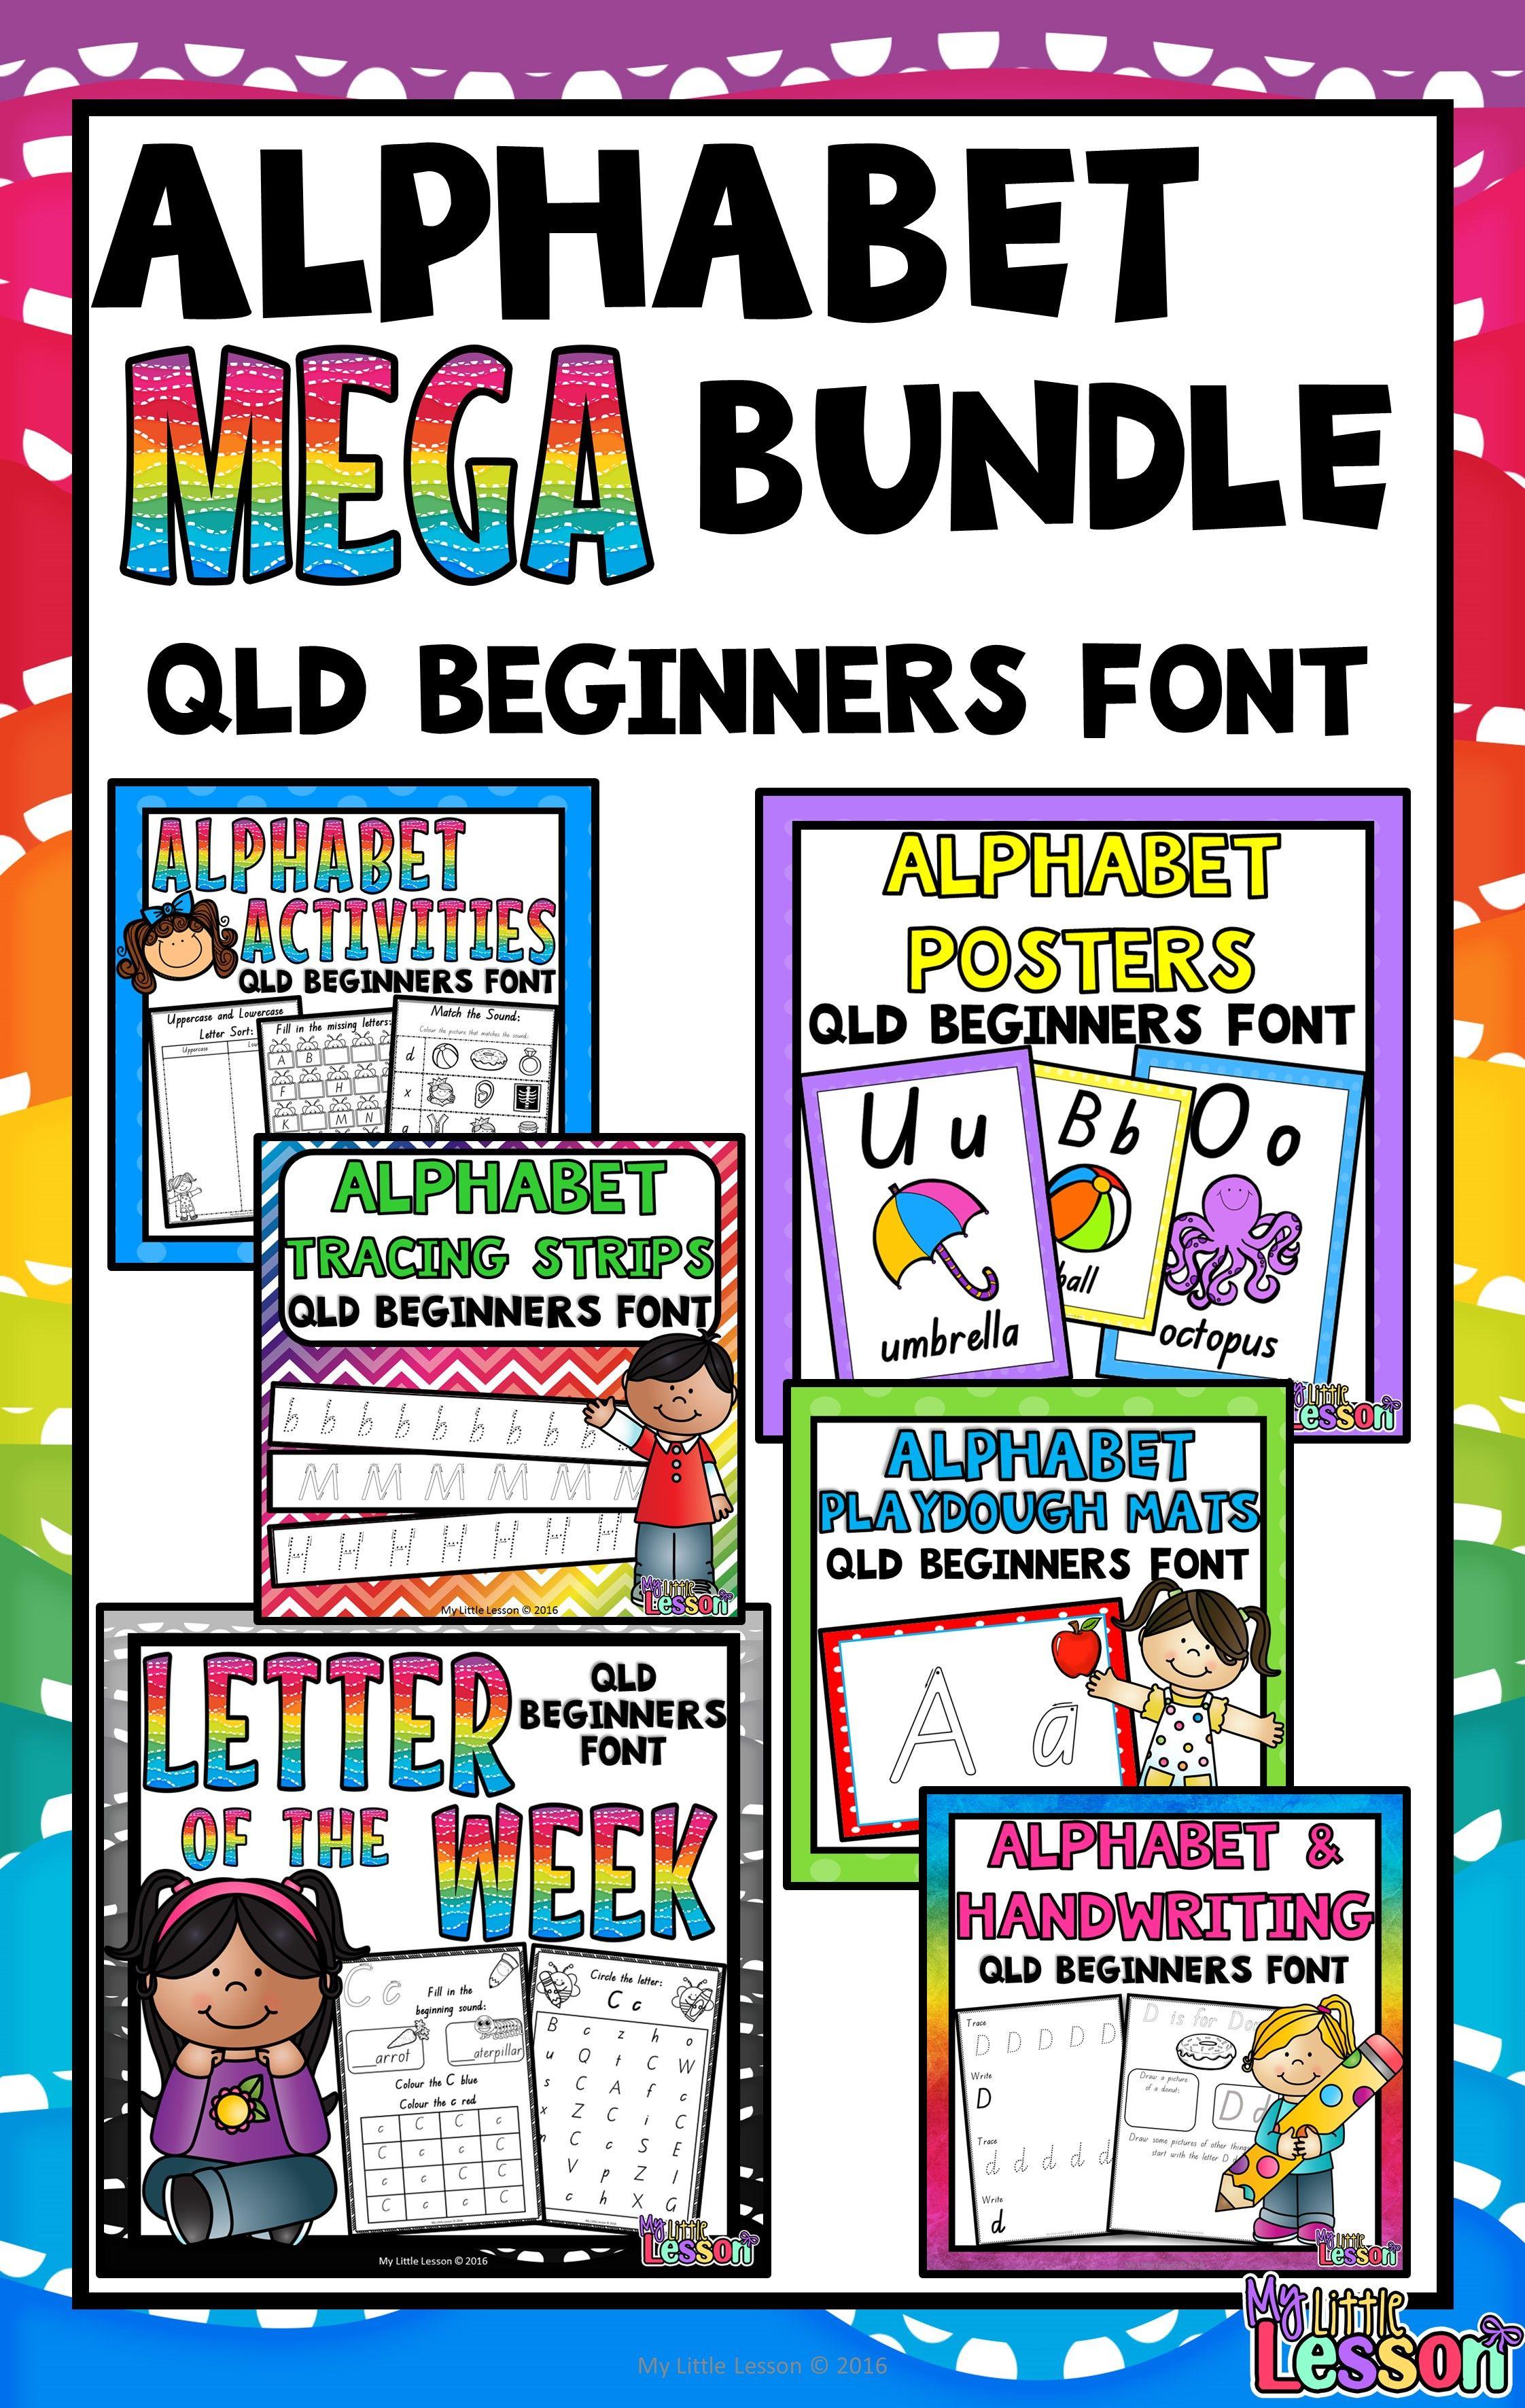 alphabet mega bundle qld beginners font worksheets posters handwriting alphabet book. Black Bedroom Furniture Sets. Home Design Ideas